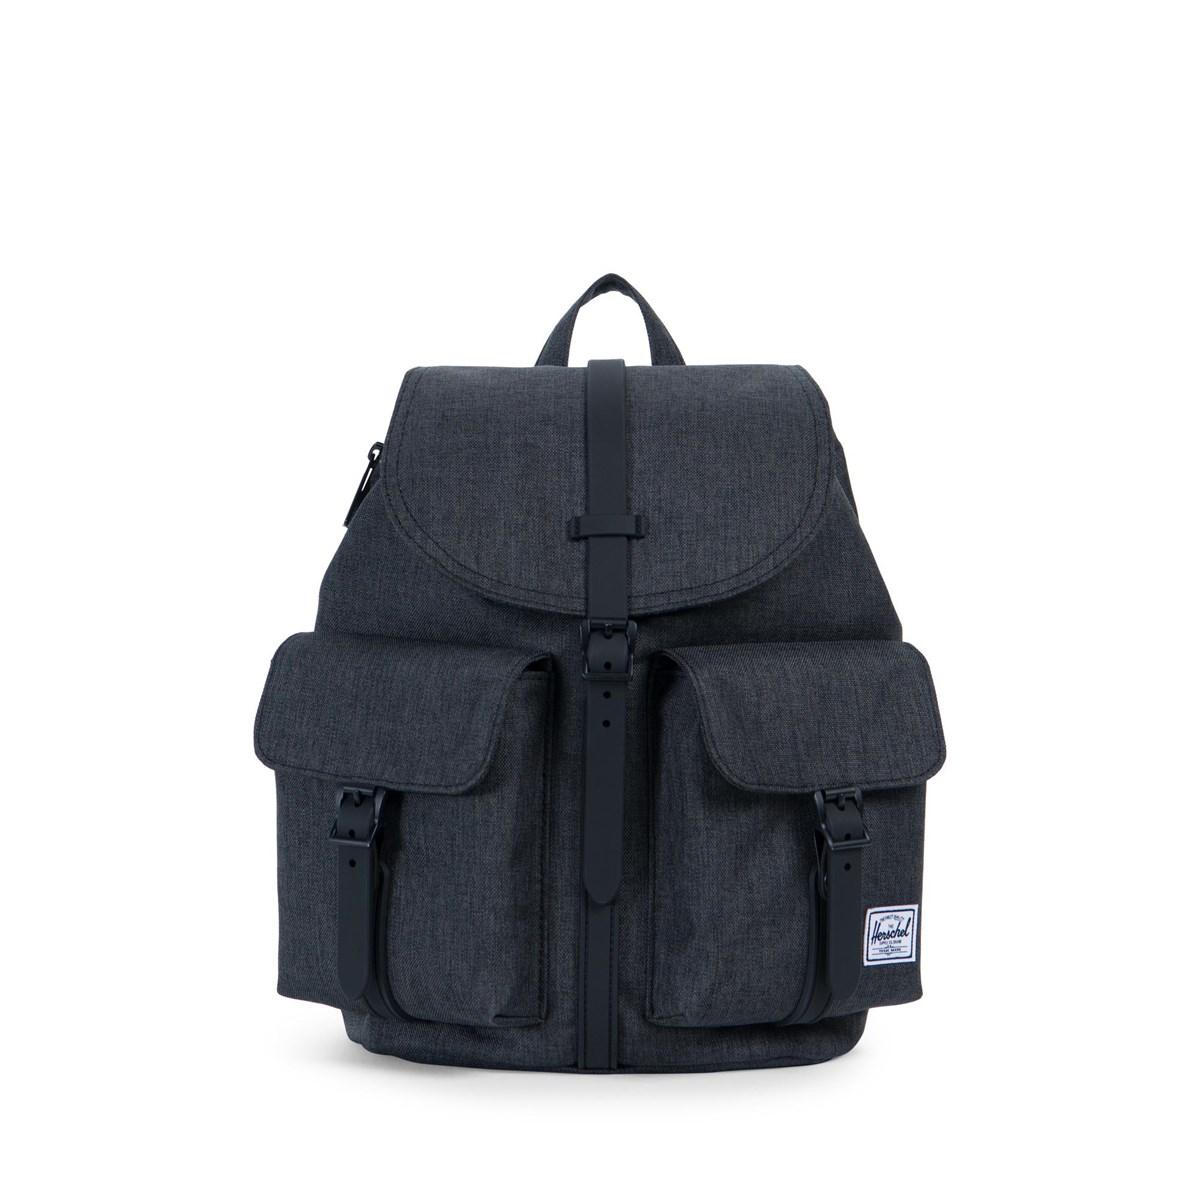 Dawson Backpack in Black